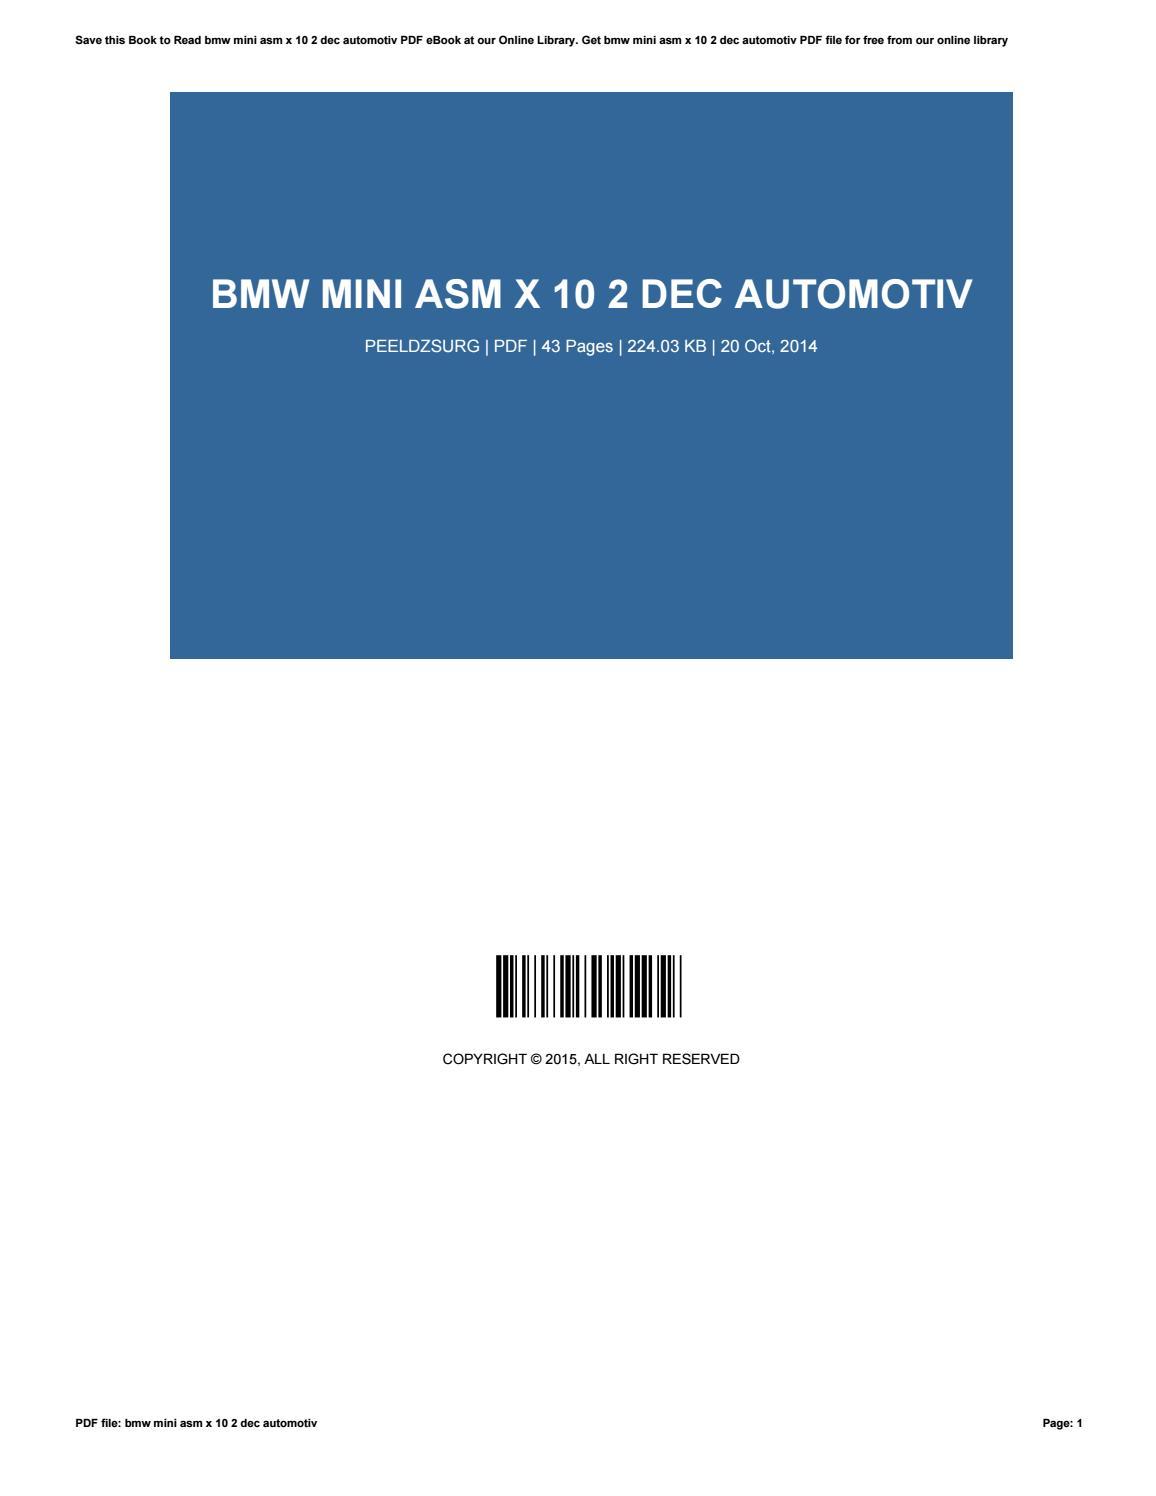 Bmw mini asm x 10 2 dec automotiv by szerz80 - issuu